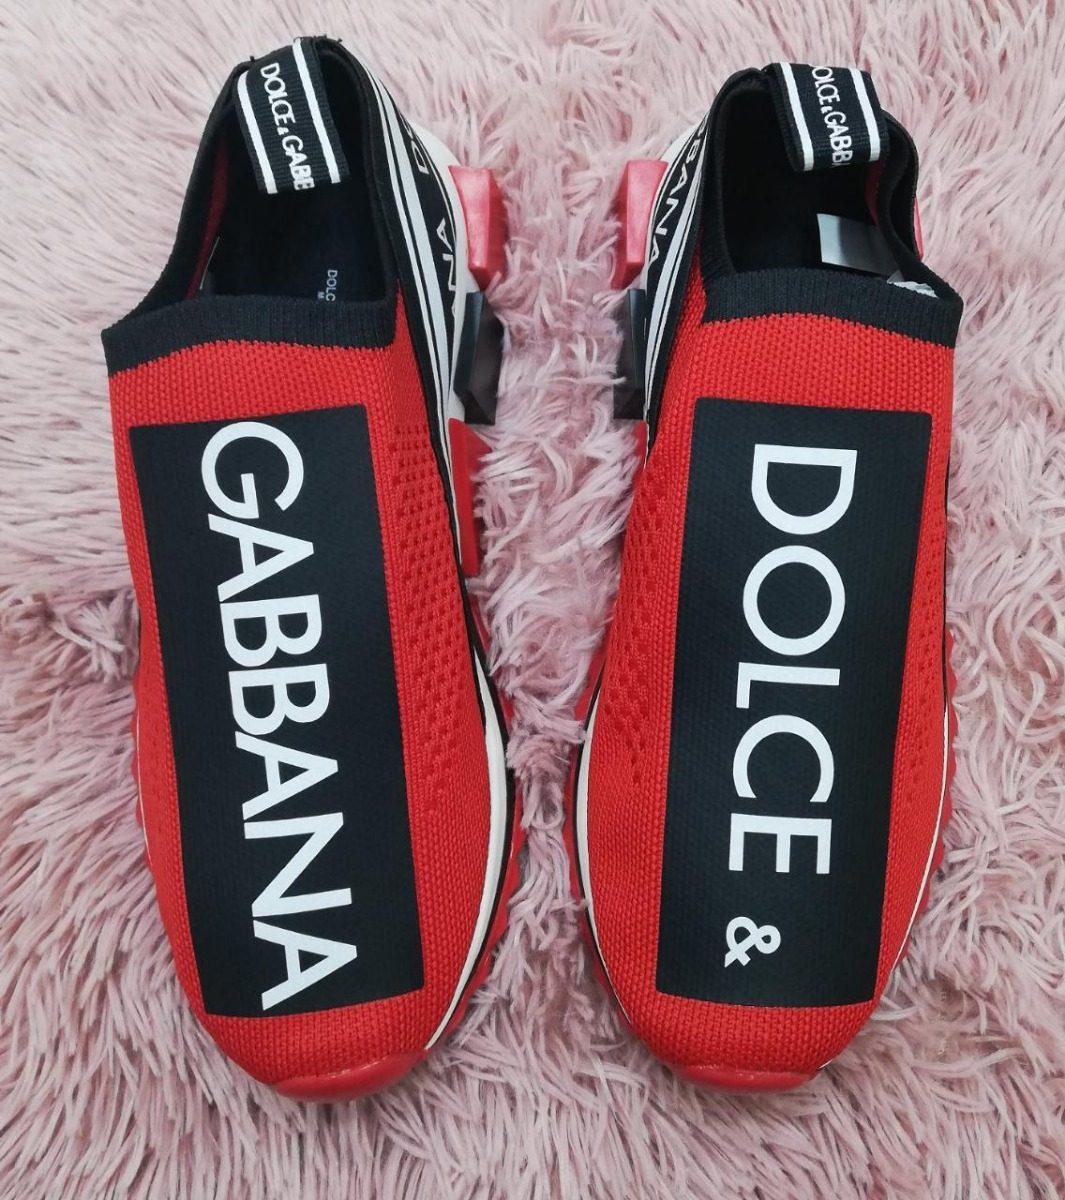 bfb9e693626 zoom tenis dolce dg rojos gabbana zapatos Cargando sorrento zapatillas  qZRqz8